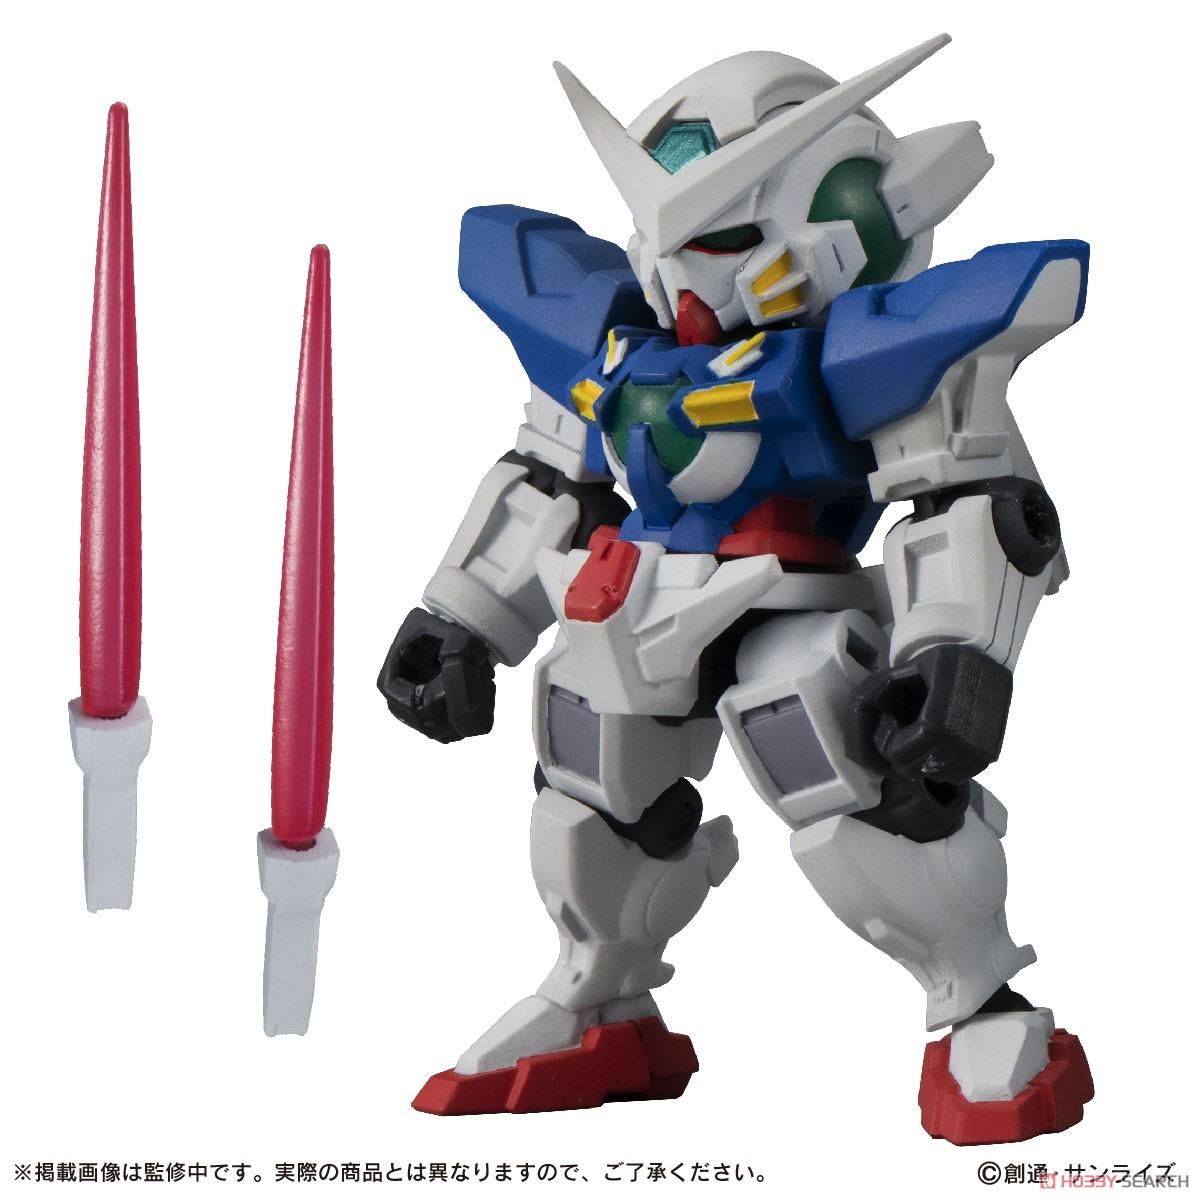 機動戦士ガンダム『MOBILE SUIT ENSEMBLE15』デフォルメ可動フィギュア 10個入りBOX-001